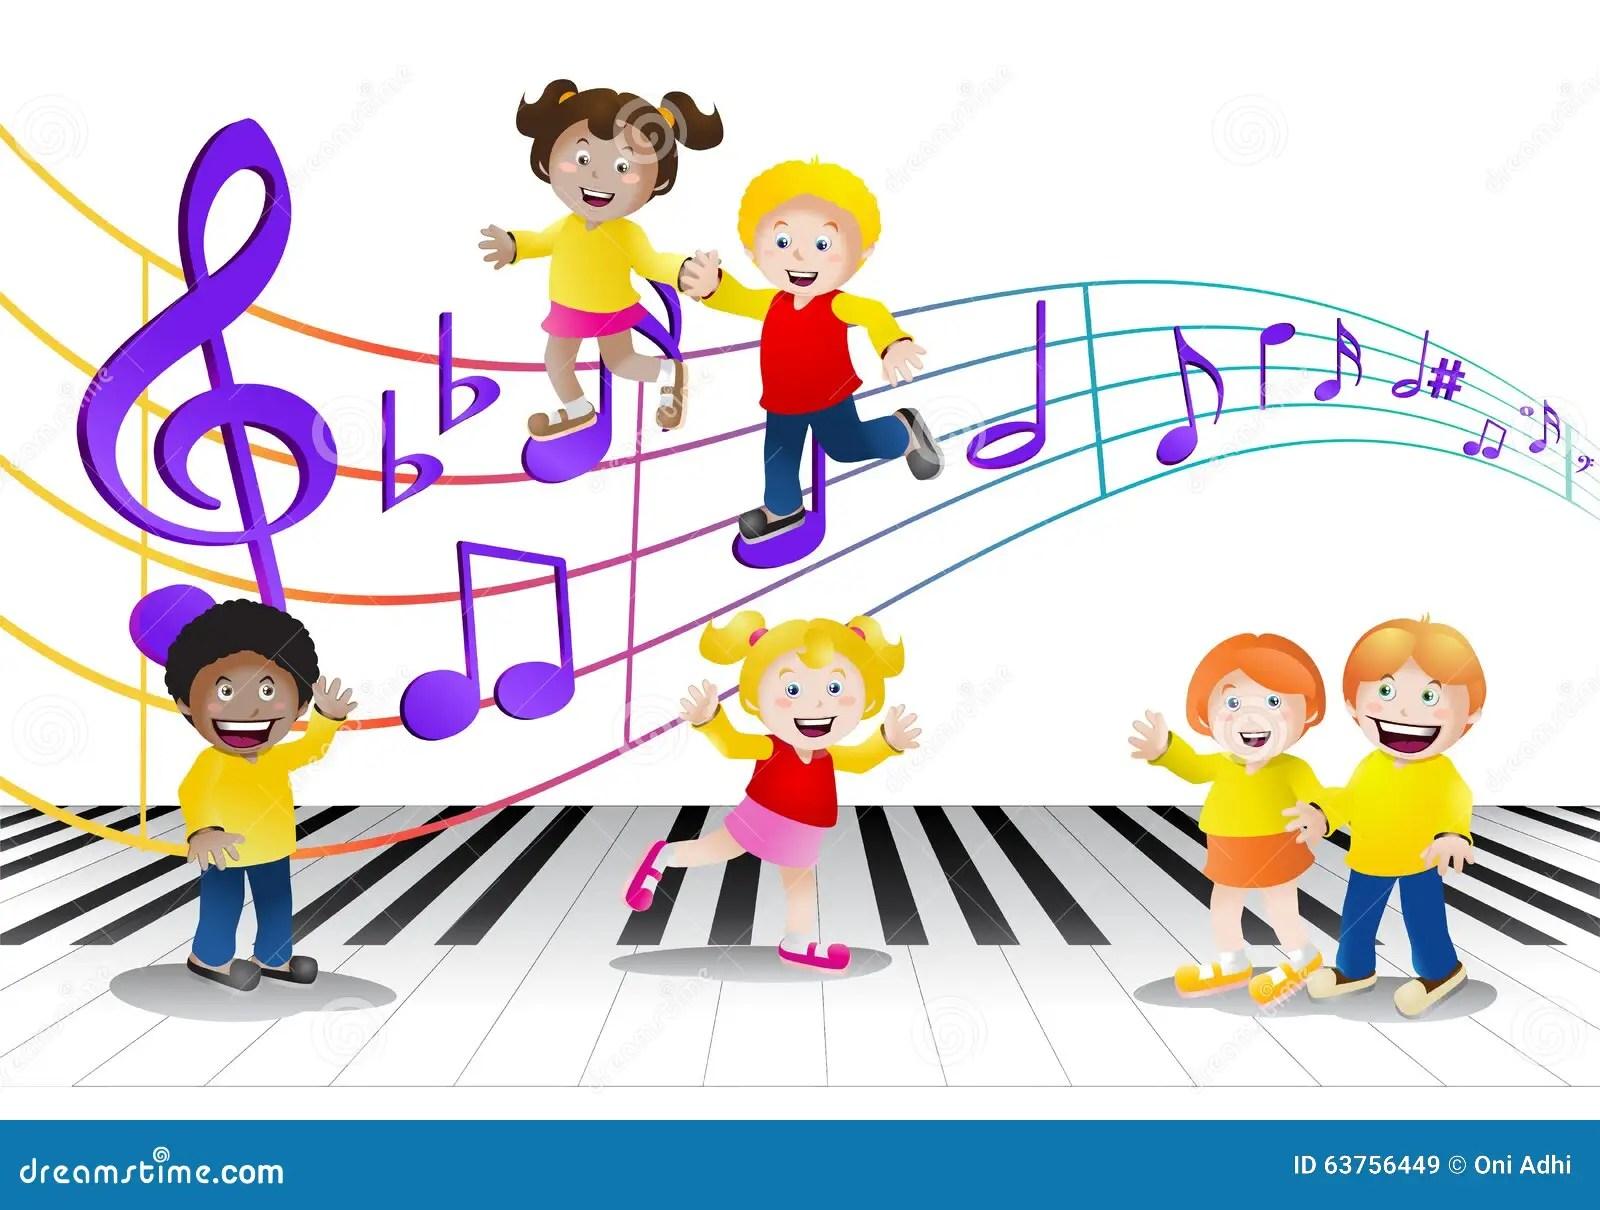 Playing In The Fall Wallpaper Groupe D Enfants Devant Des Notes De Musique Illustration